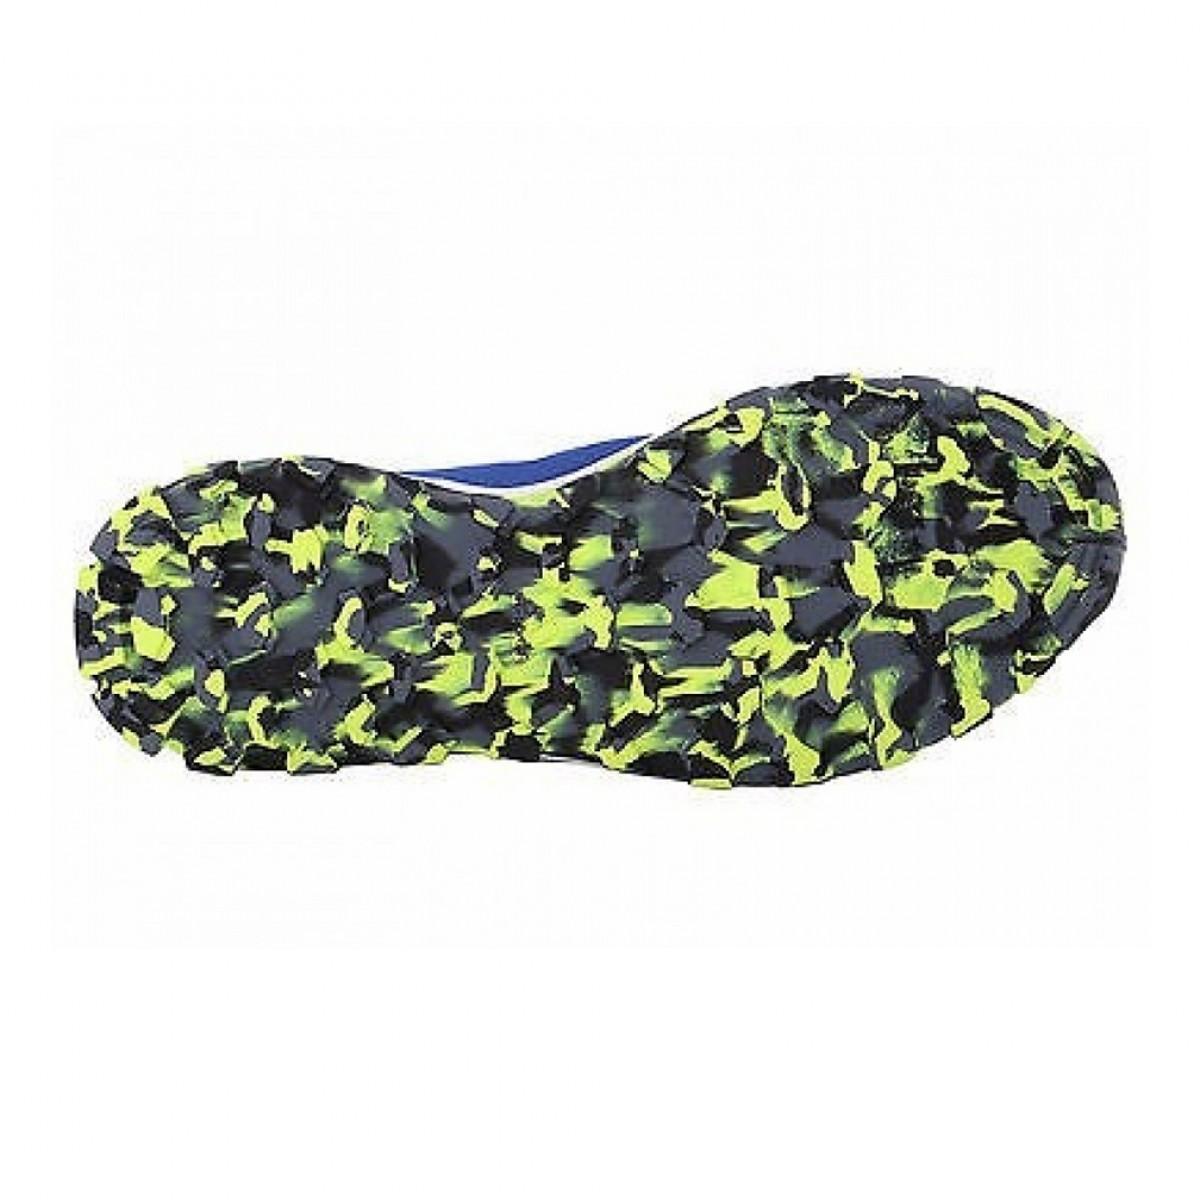 3de5bb22459 Tênis Adidas Vigor 6 Tr Masculino Azul e Verde - Compre Agora ...